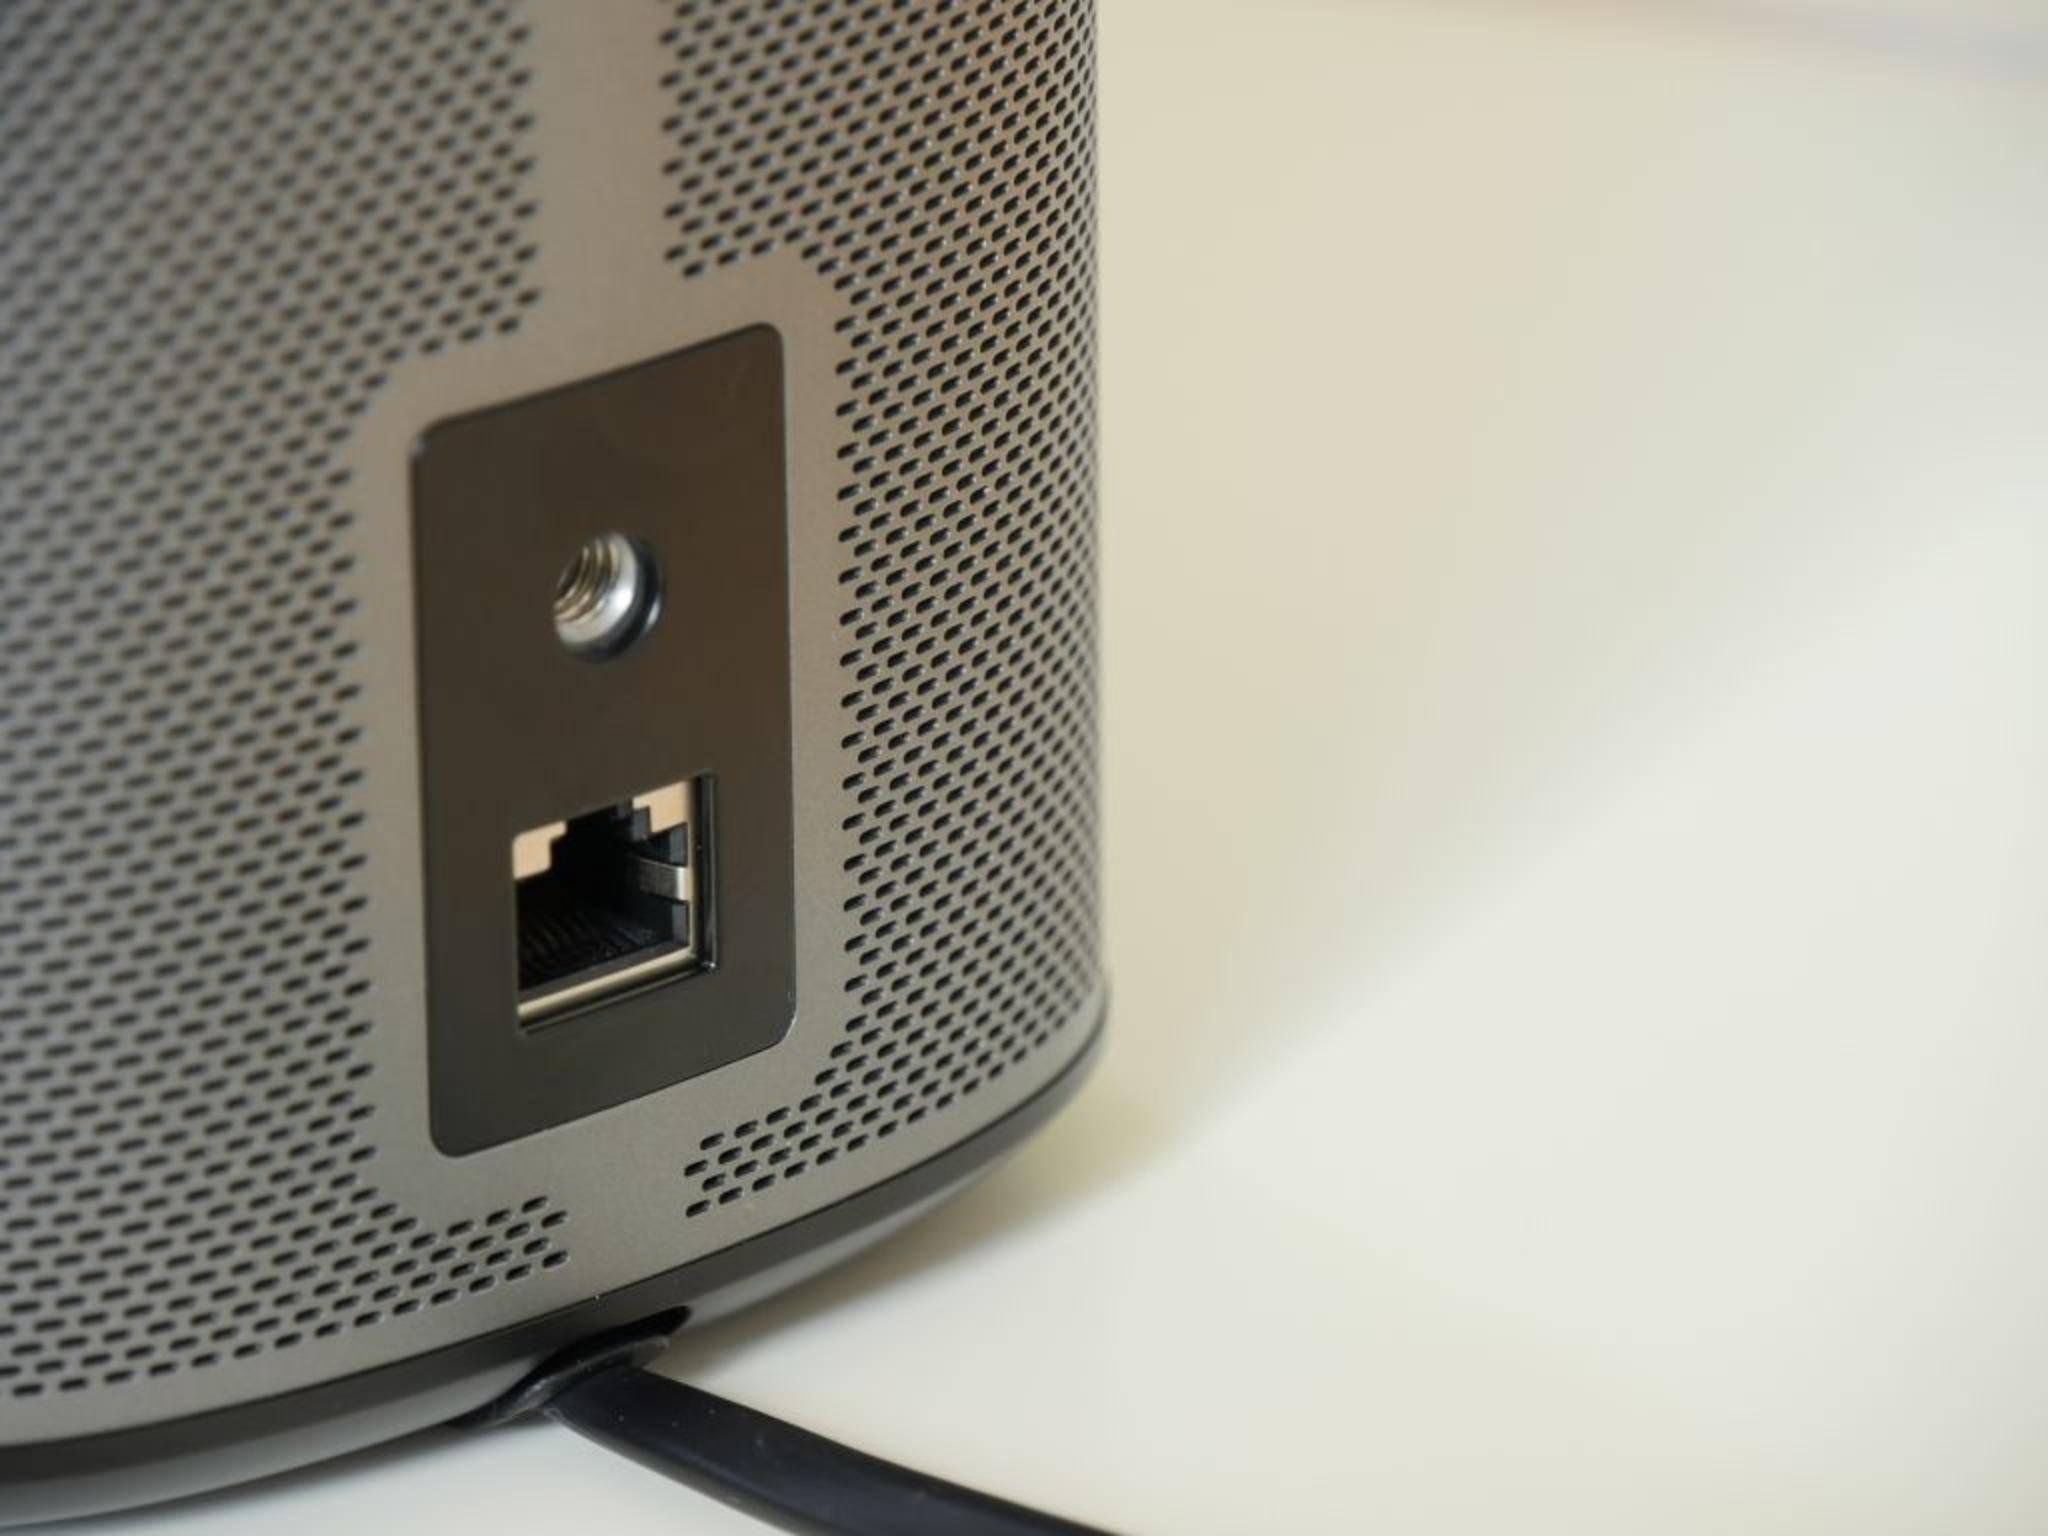 Auf der Rückseite gibt es nur einen Ethernet-Anschluss sowie ein Gewinde.